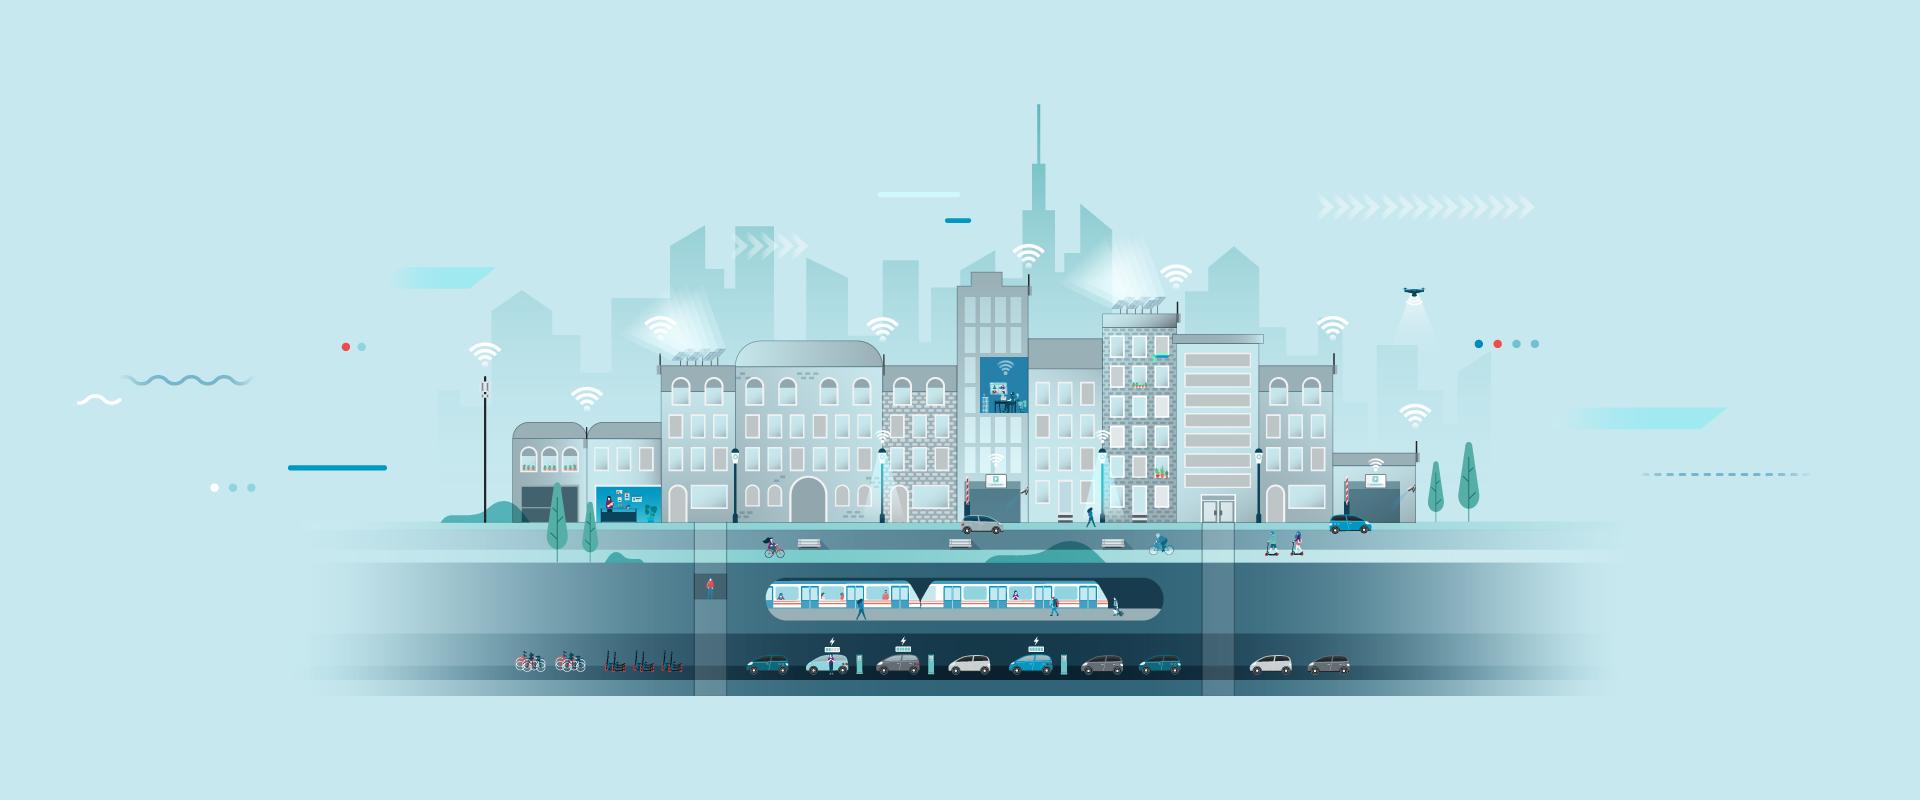 5G in Smart Cities